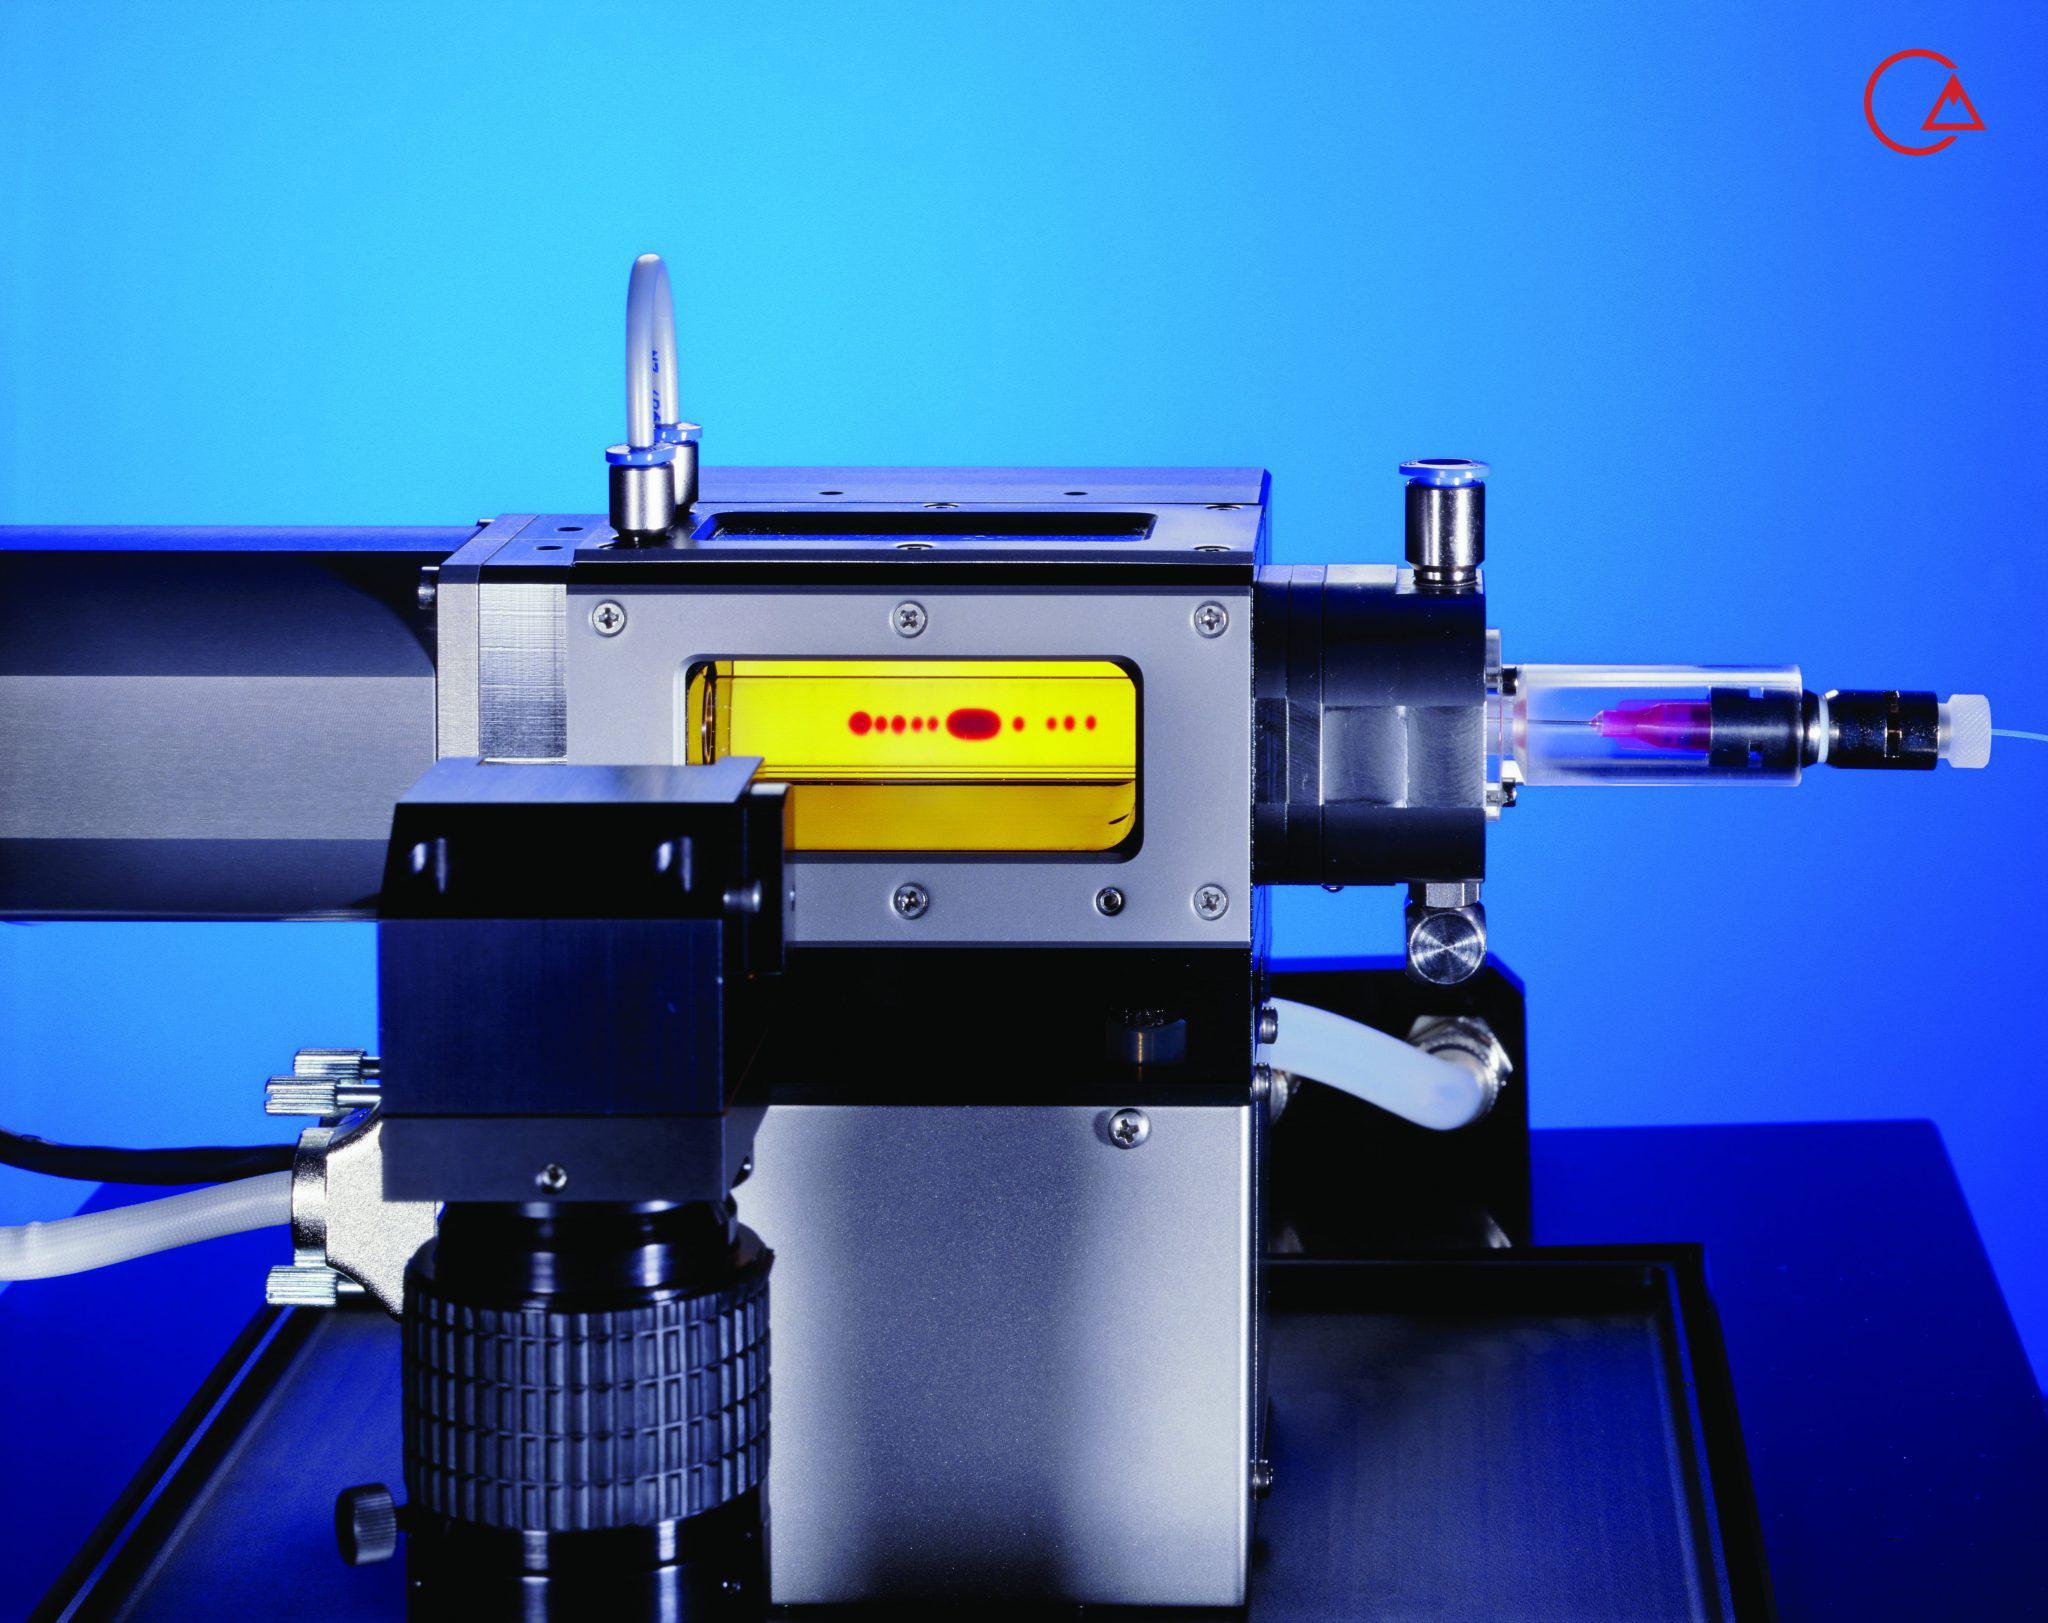 دستگاه اندازه گیری خواص سیالات قطره چرخان SVT Dataphysics